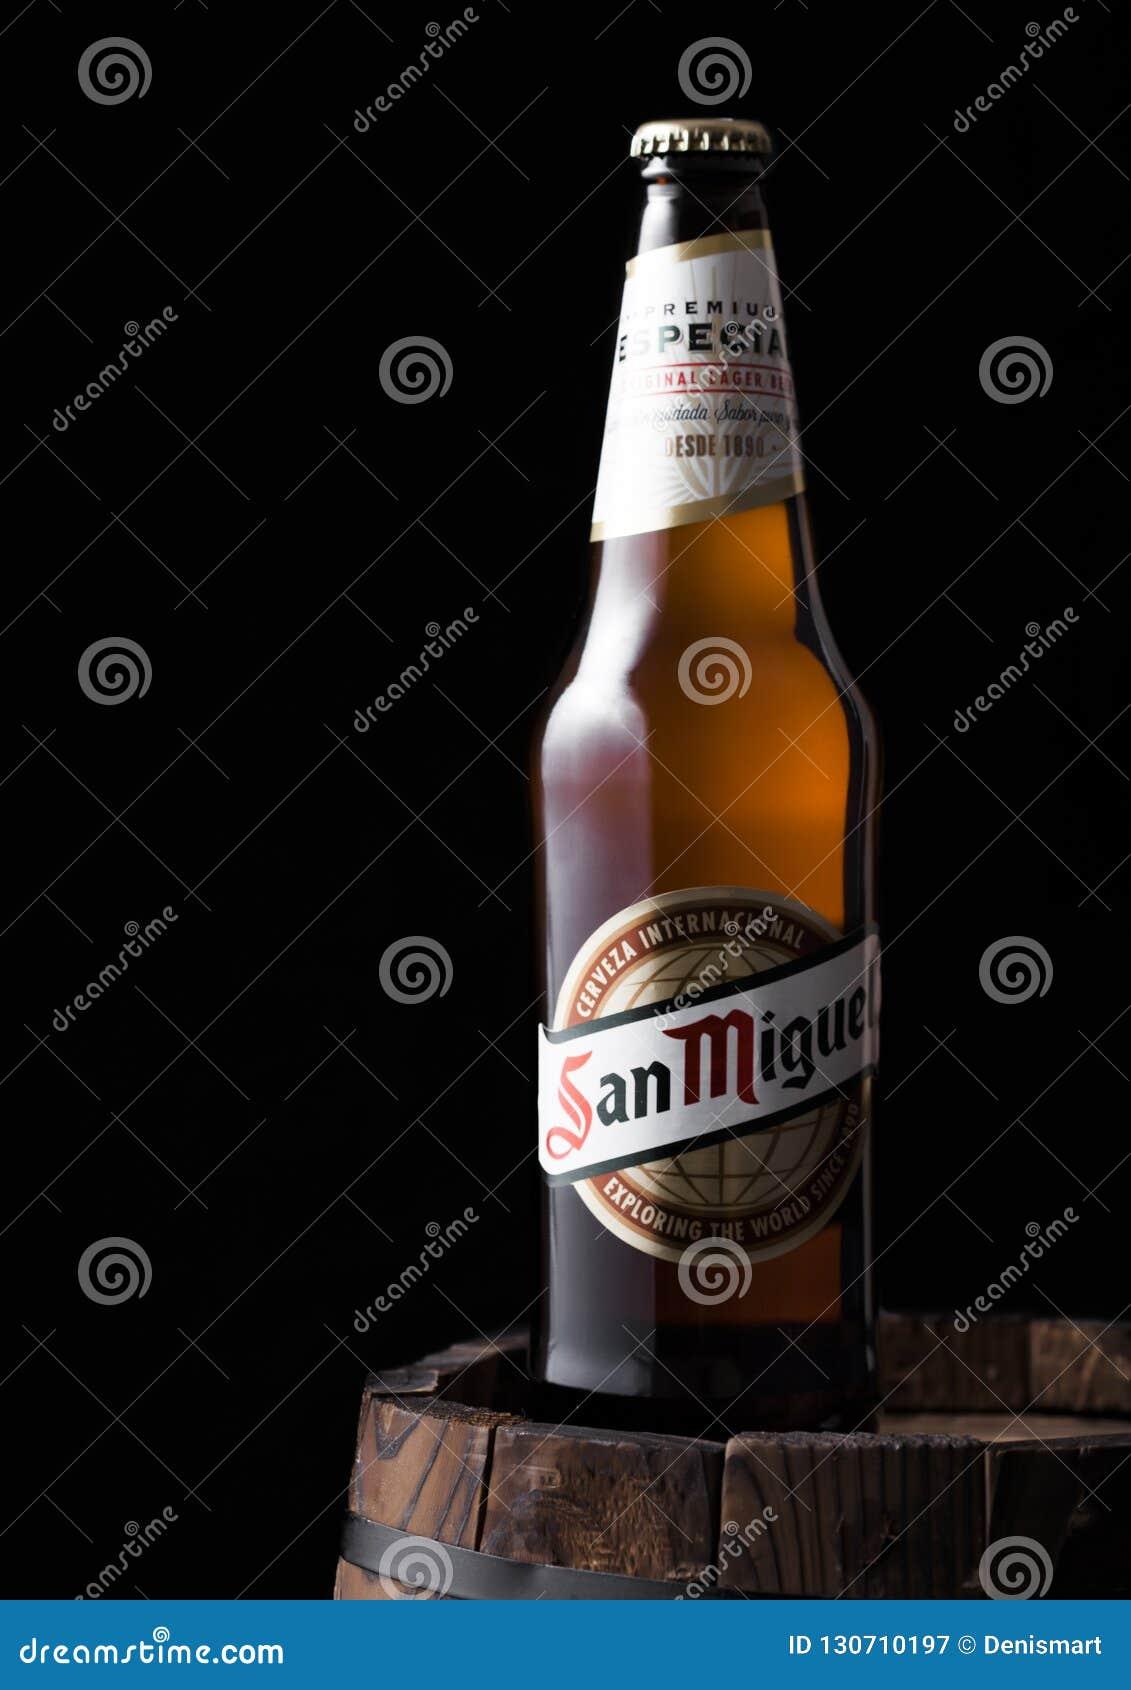 LONDRA, REGNO UNITO - 27 APRILE 2018: Bottiglia della birra chiara di San Miguel sopra il vecchio barilotto di legno